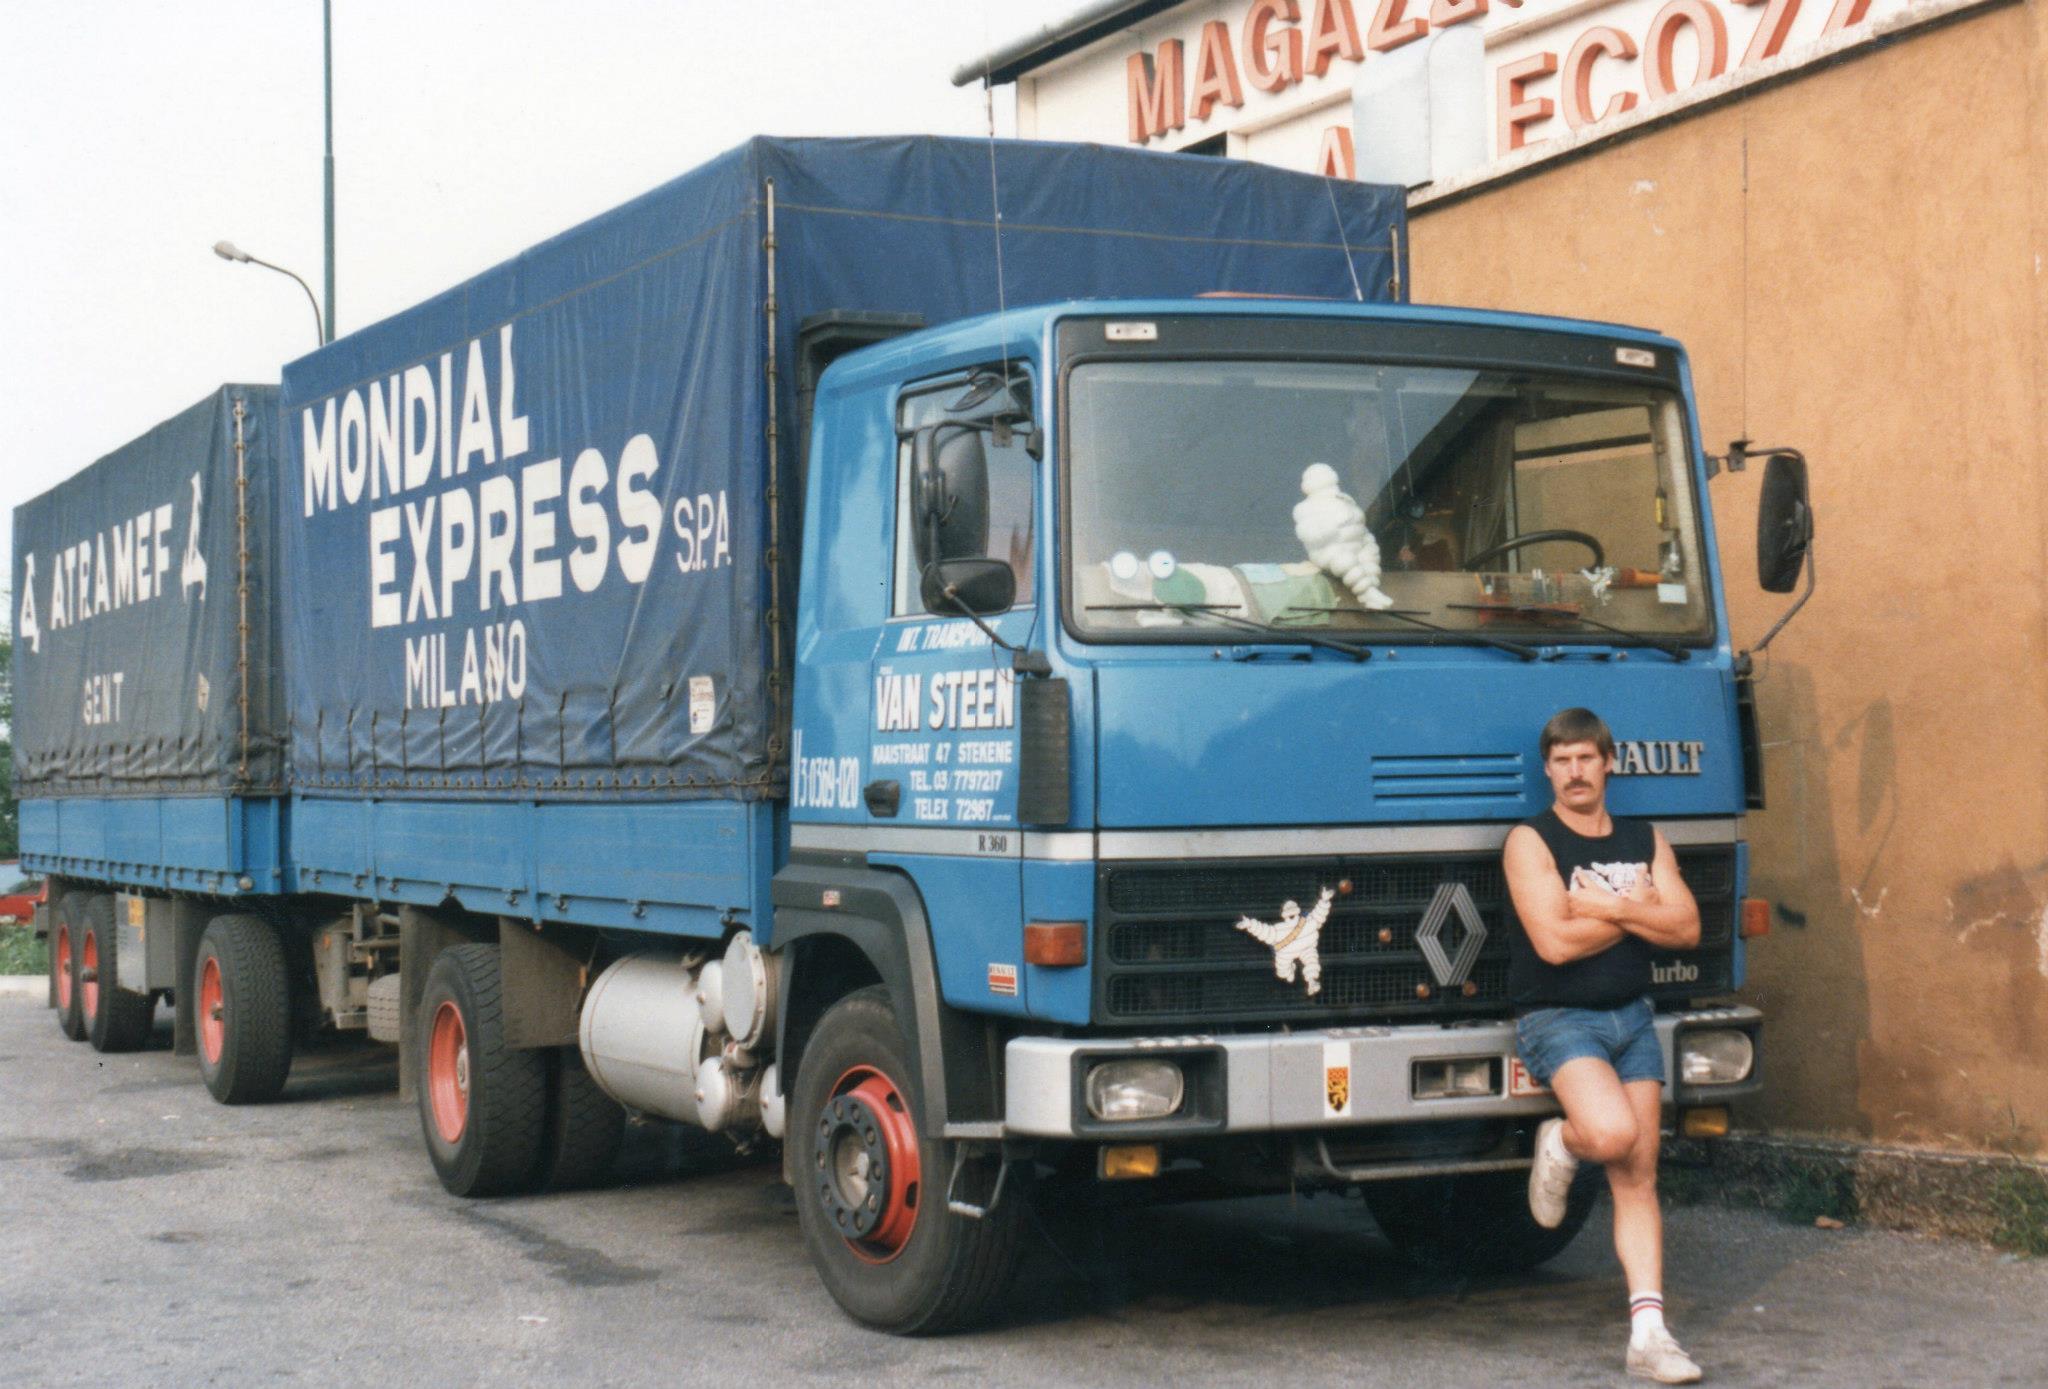 Freddy-Debucke-1983-R360-laatste-V8-met-eerste-beschildering-Mondial-Express-Milano